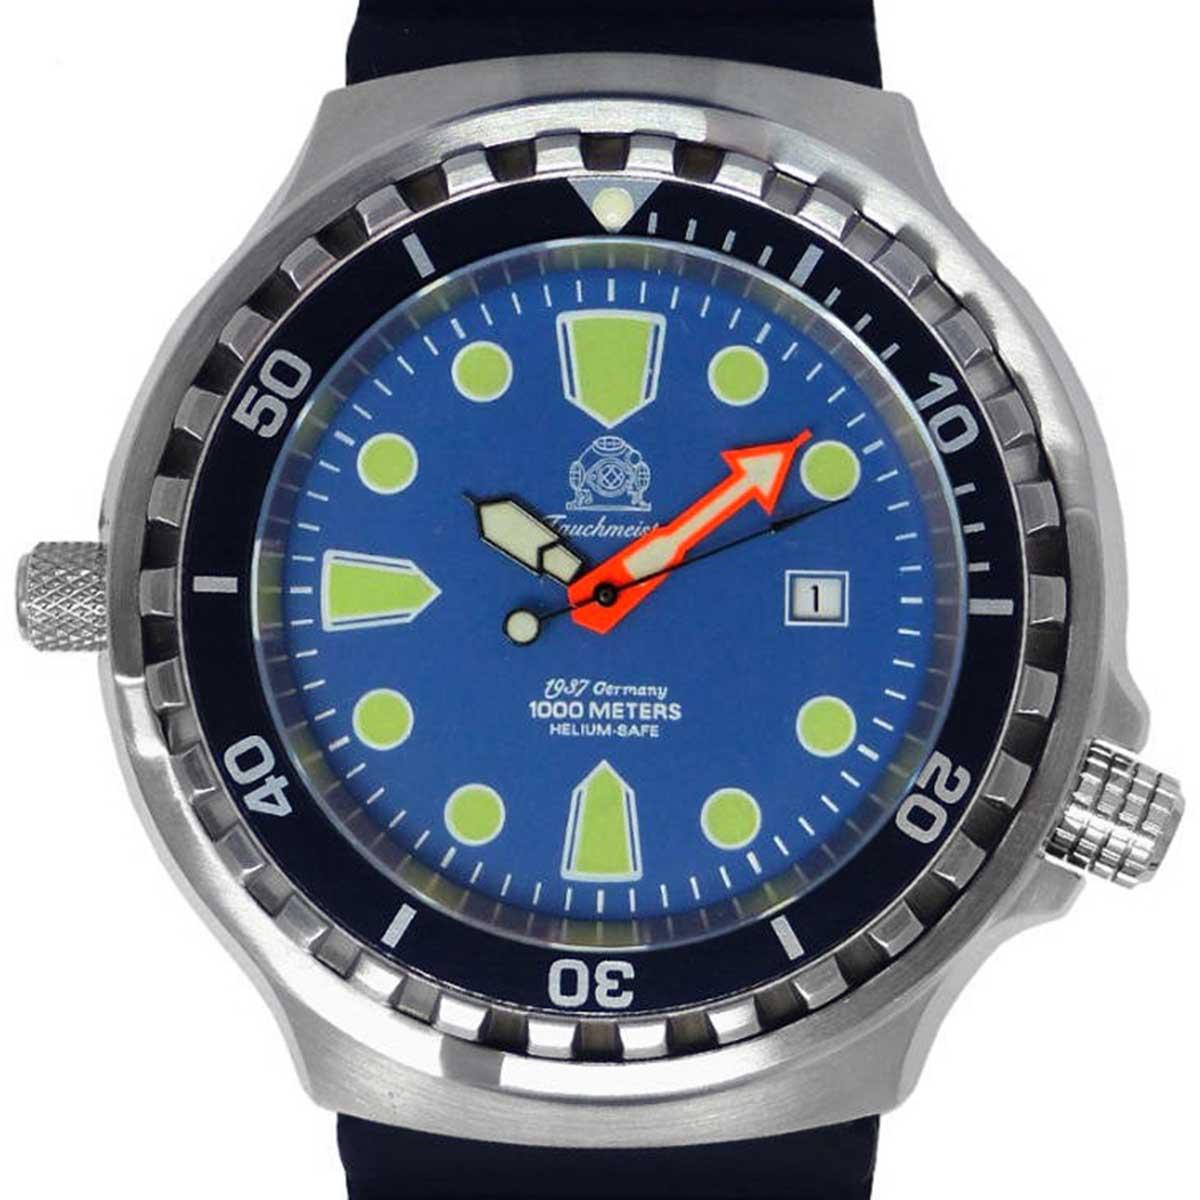 Tauchmeister 1937 トーチマイスター1937 自動巻き(手巻き機能あり) 腕時計 [T0315] 並行輸入品 逆回転防止ベゼル ヘリウムエスケープバルブ  カレンダー